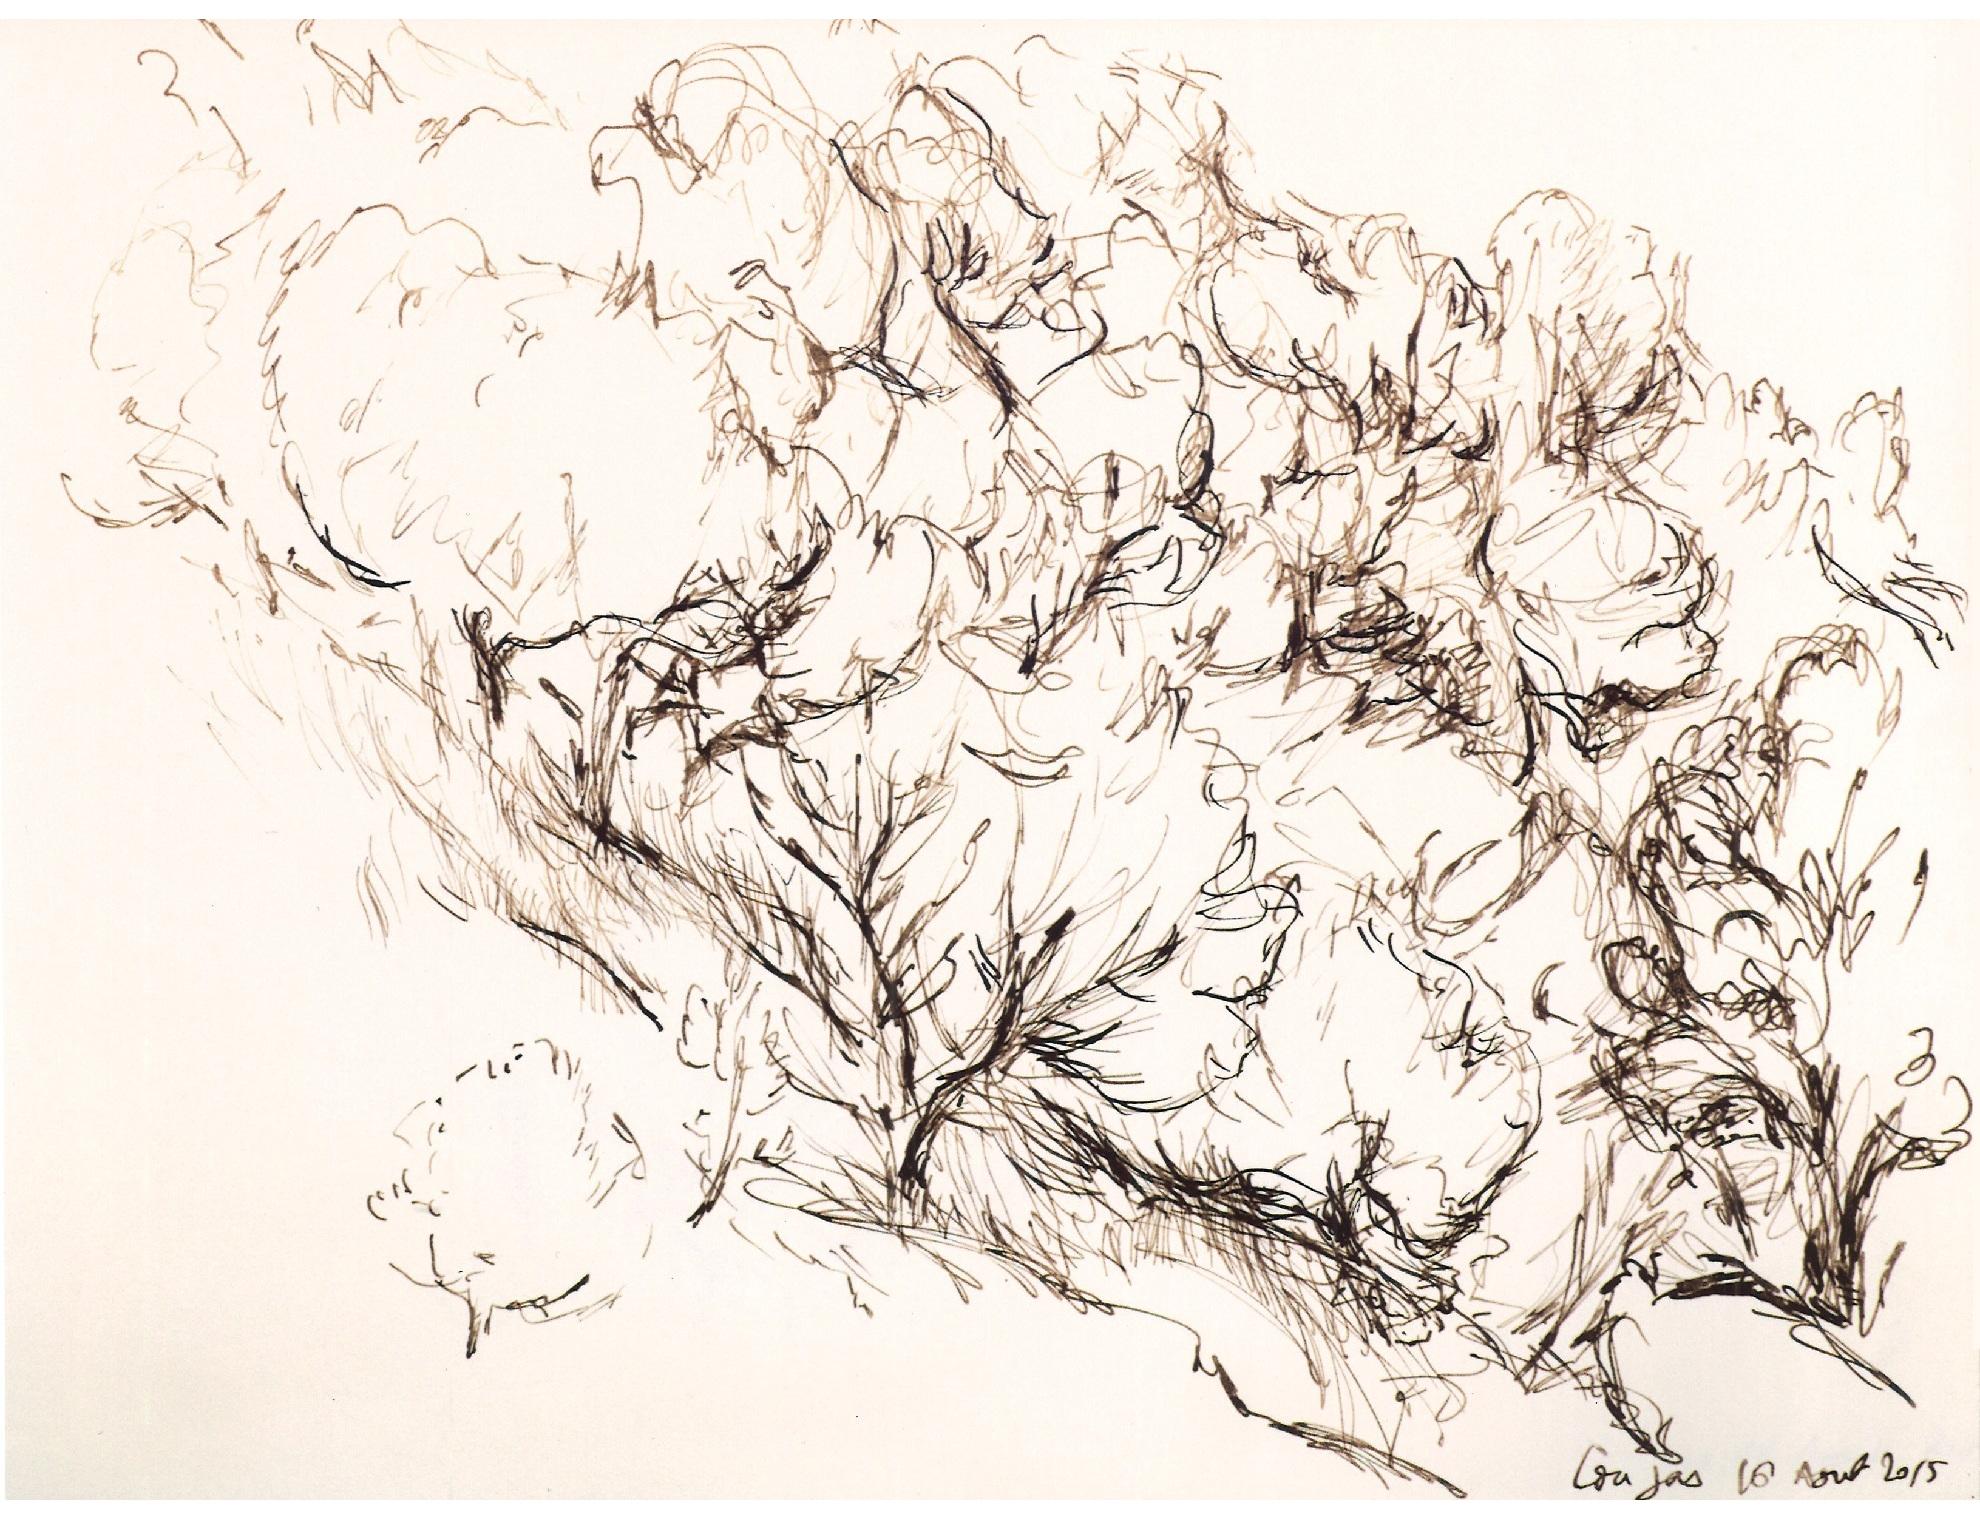 Plume et encre brune, 31 x 23,5 cm, 16 août 2015. Nathalie Garidou